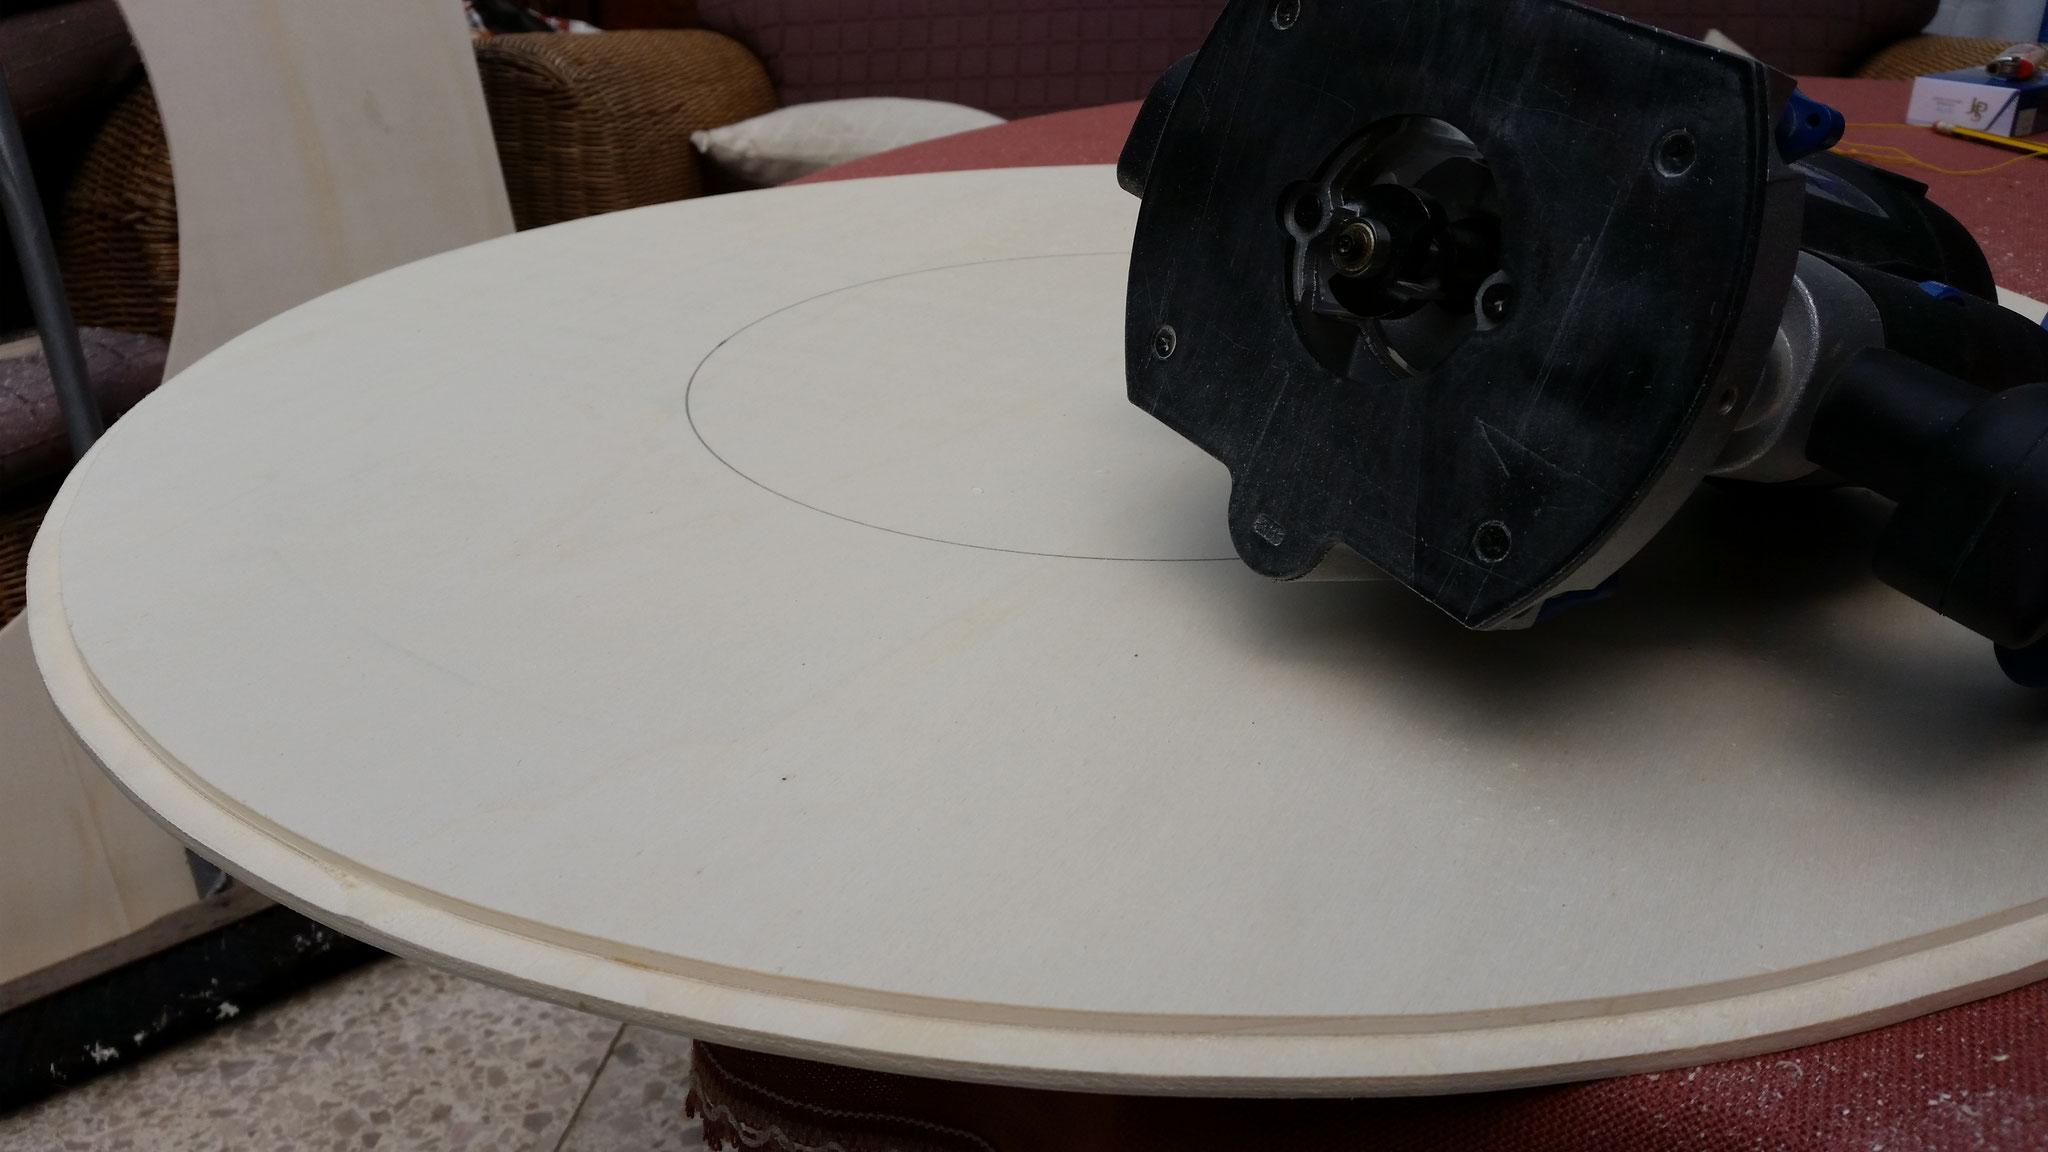 Mit einer Oberfräse wurde eine Nut an die Außenkante gefräßt, welche später genau in die Nut des Nachbarsegments passt. So gibt es keine Höhenunterschiede und die Segmente liegen aufeinander